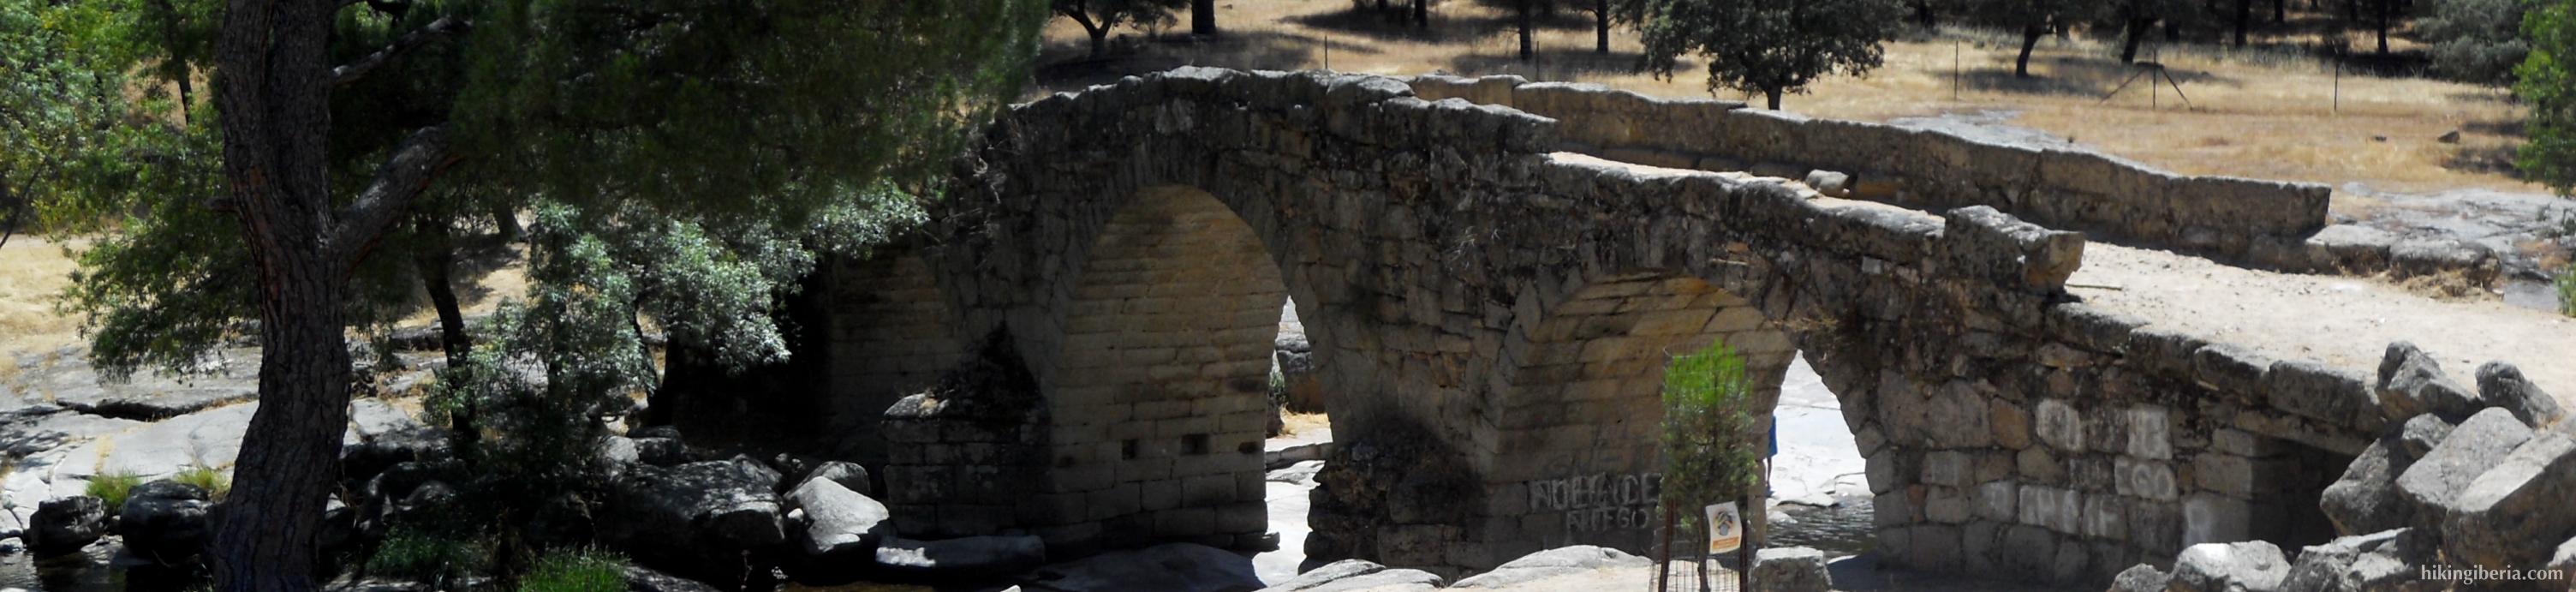 Die römische Brücke von Valdemaqueda